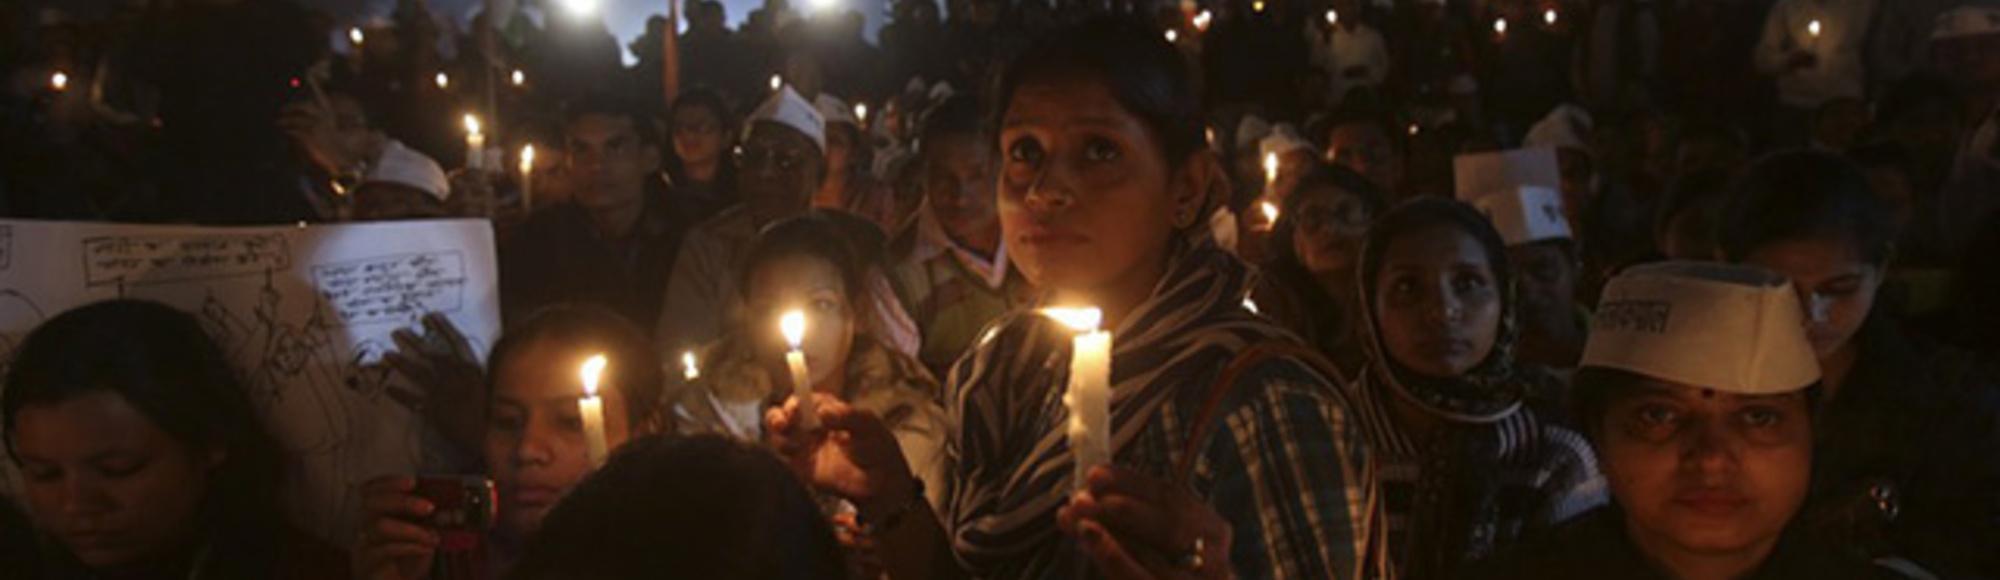 Waarom Indiase mannen het normaal vinden om vrouwen te verkrachten